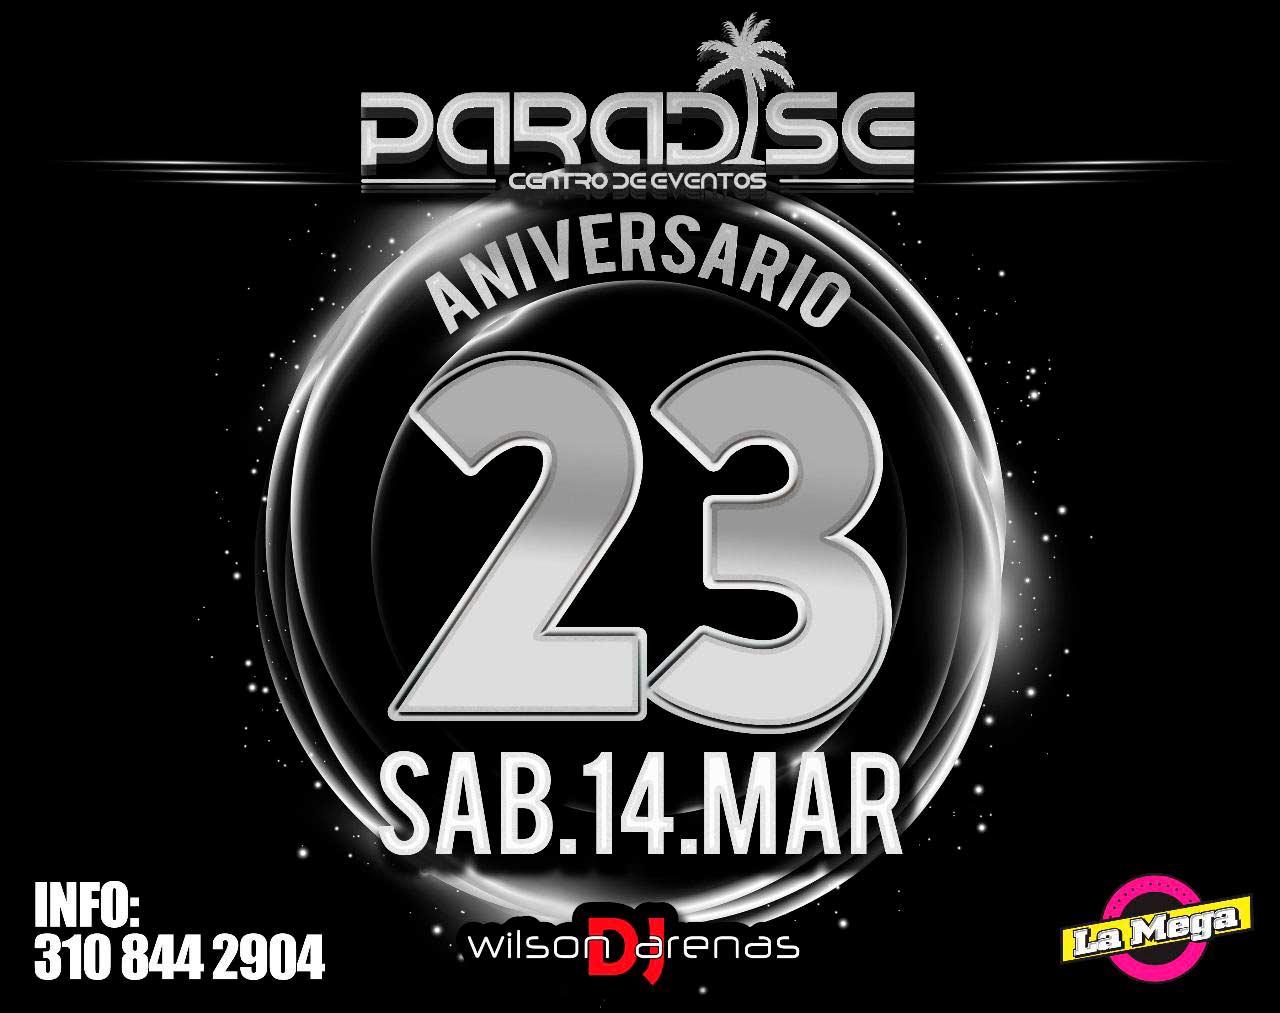 Aniversario Paradise! 23 años de fiestas: La Cantina Bar, Babilonia, Attica y Paradise